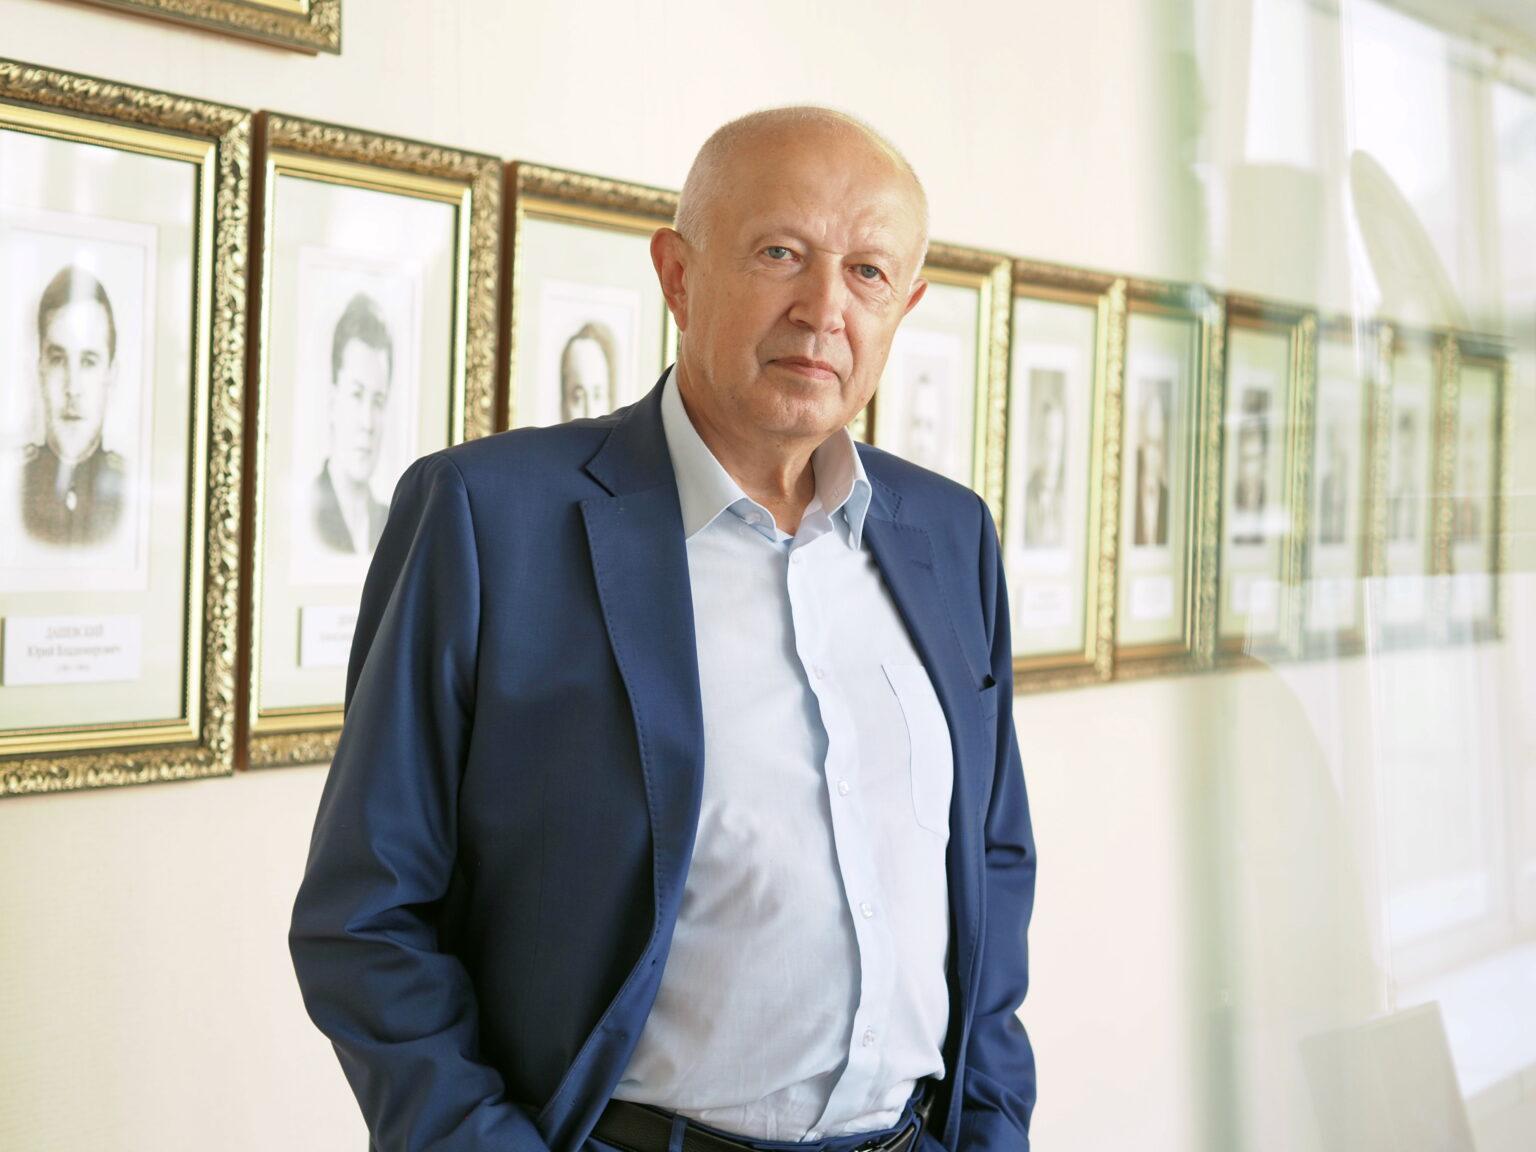 Виктор Бабурин поздравил коллектив Сосенского приборостроительного завода с 45-летием предприятия